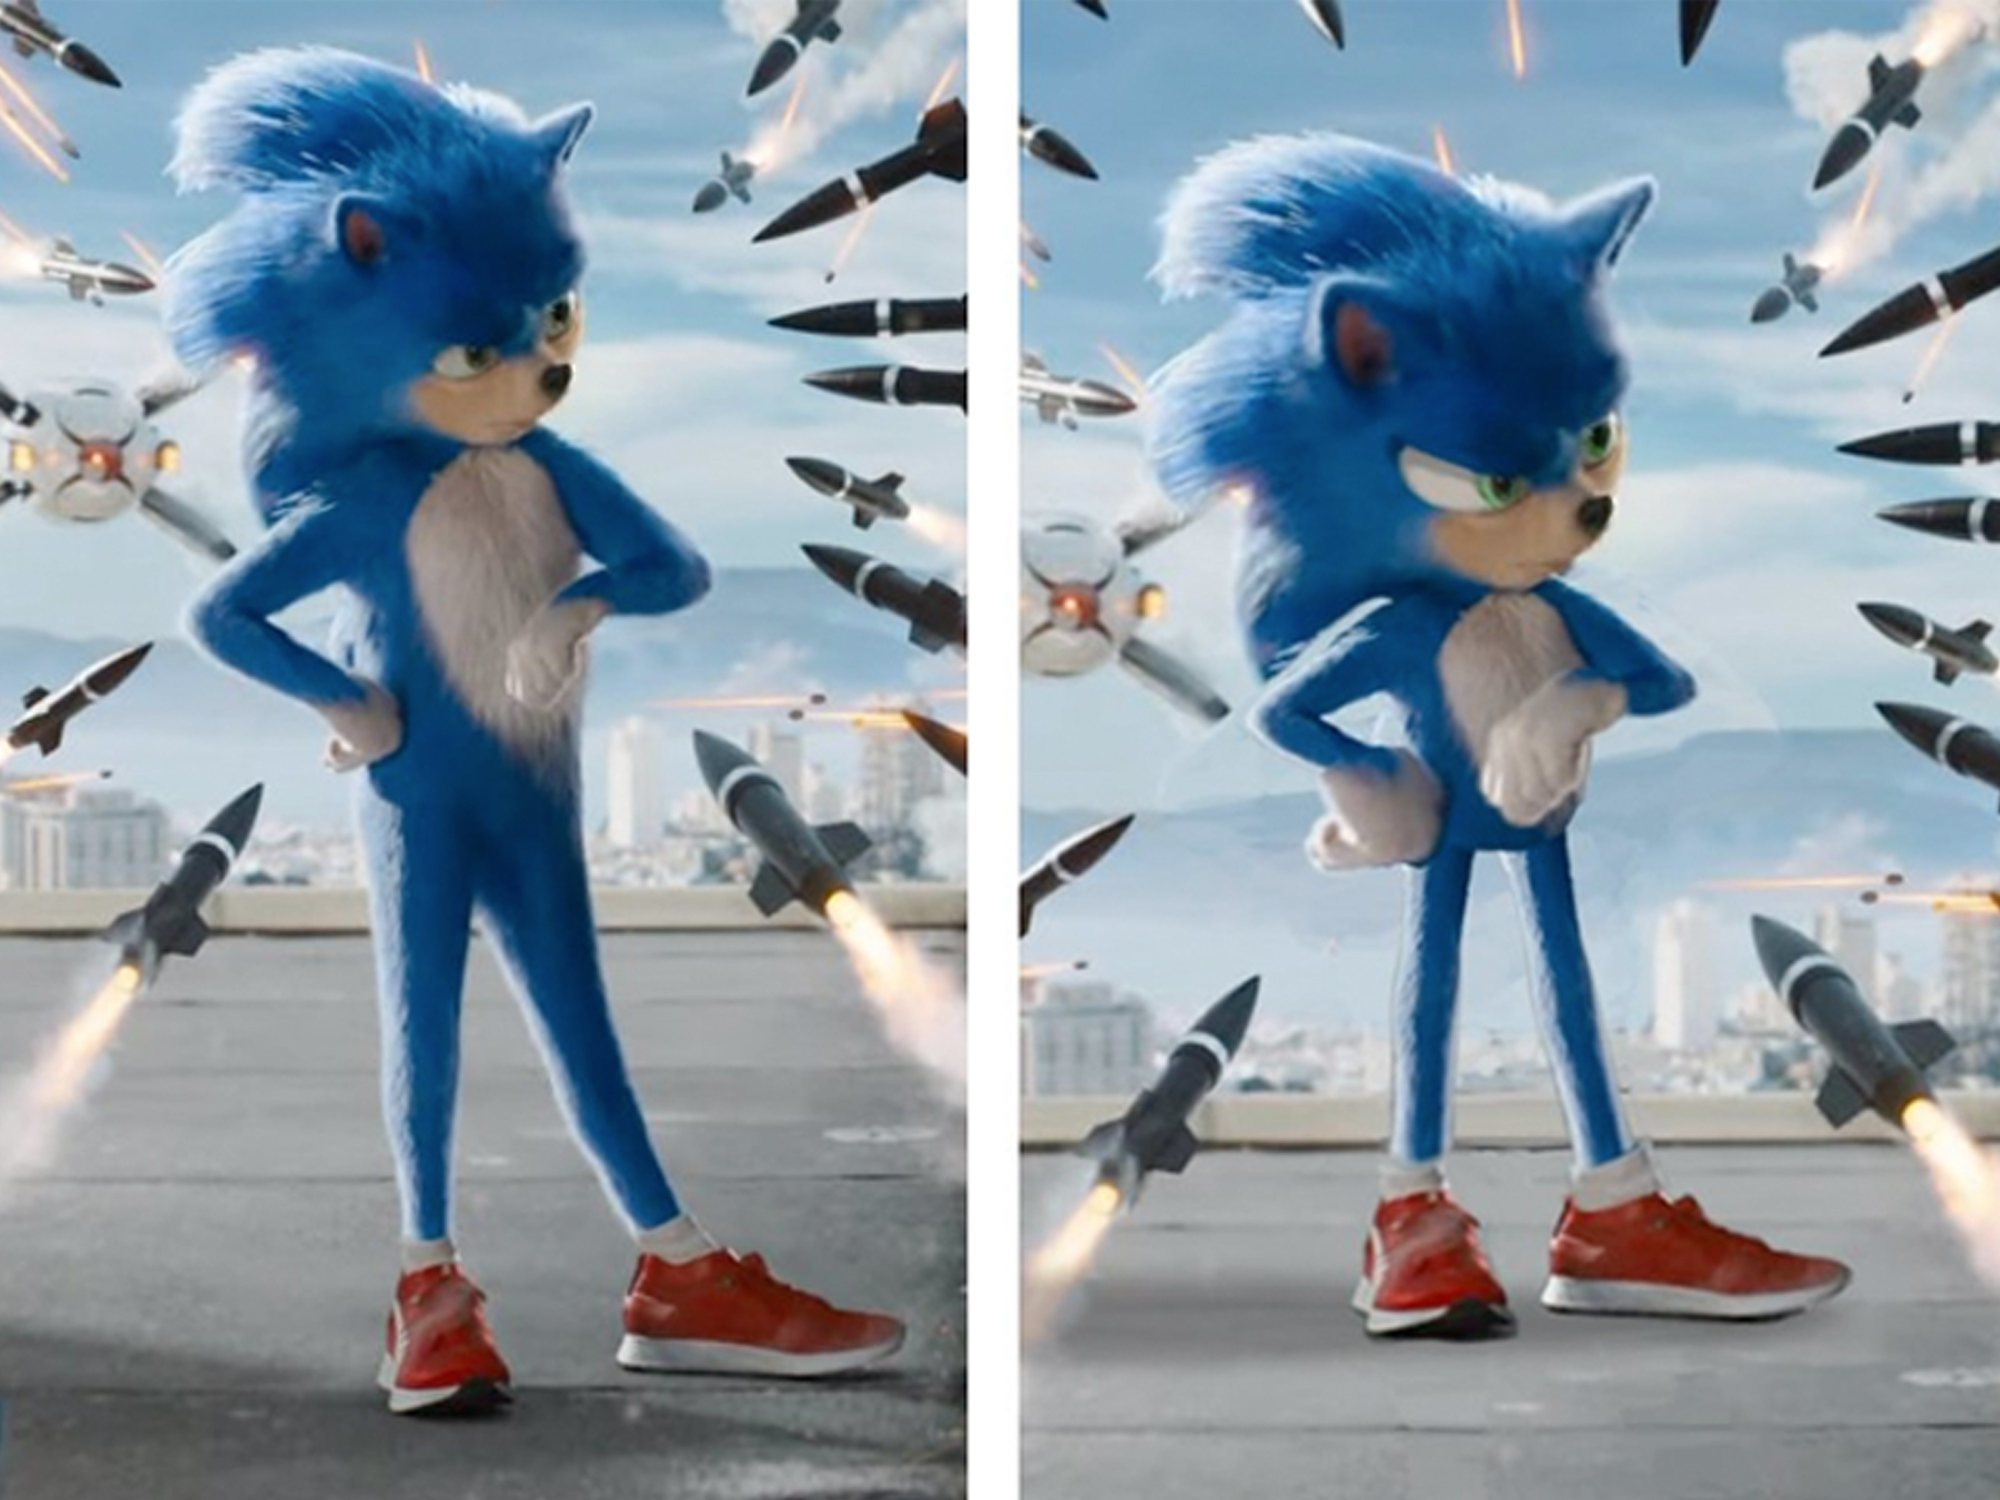 El director de la película de Sonic cambiará el diseño del personaje tras las críticas